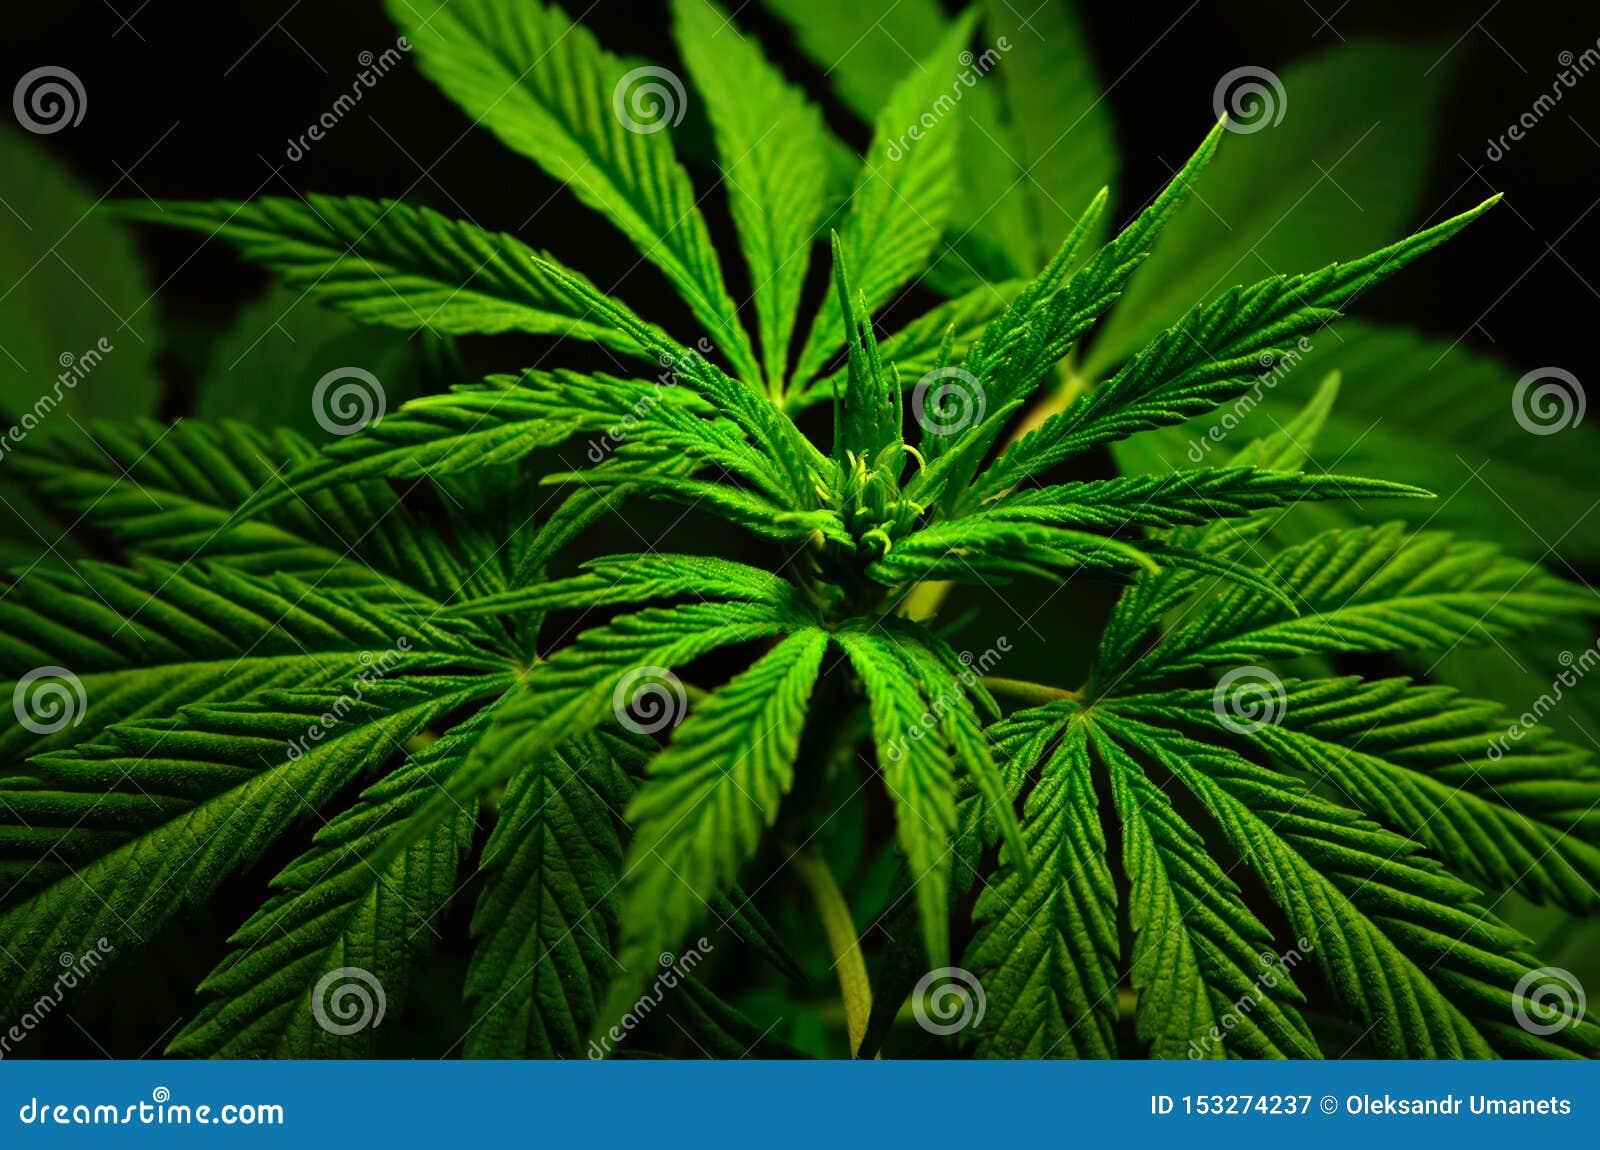 Конопля картинки большие купить семена марихуаны конопли наложенным платежом